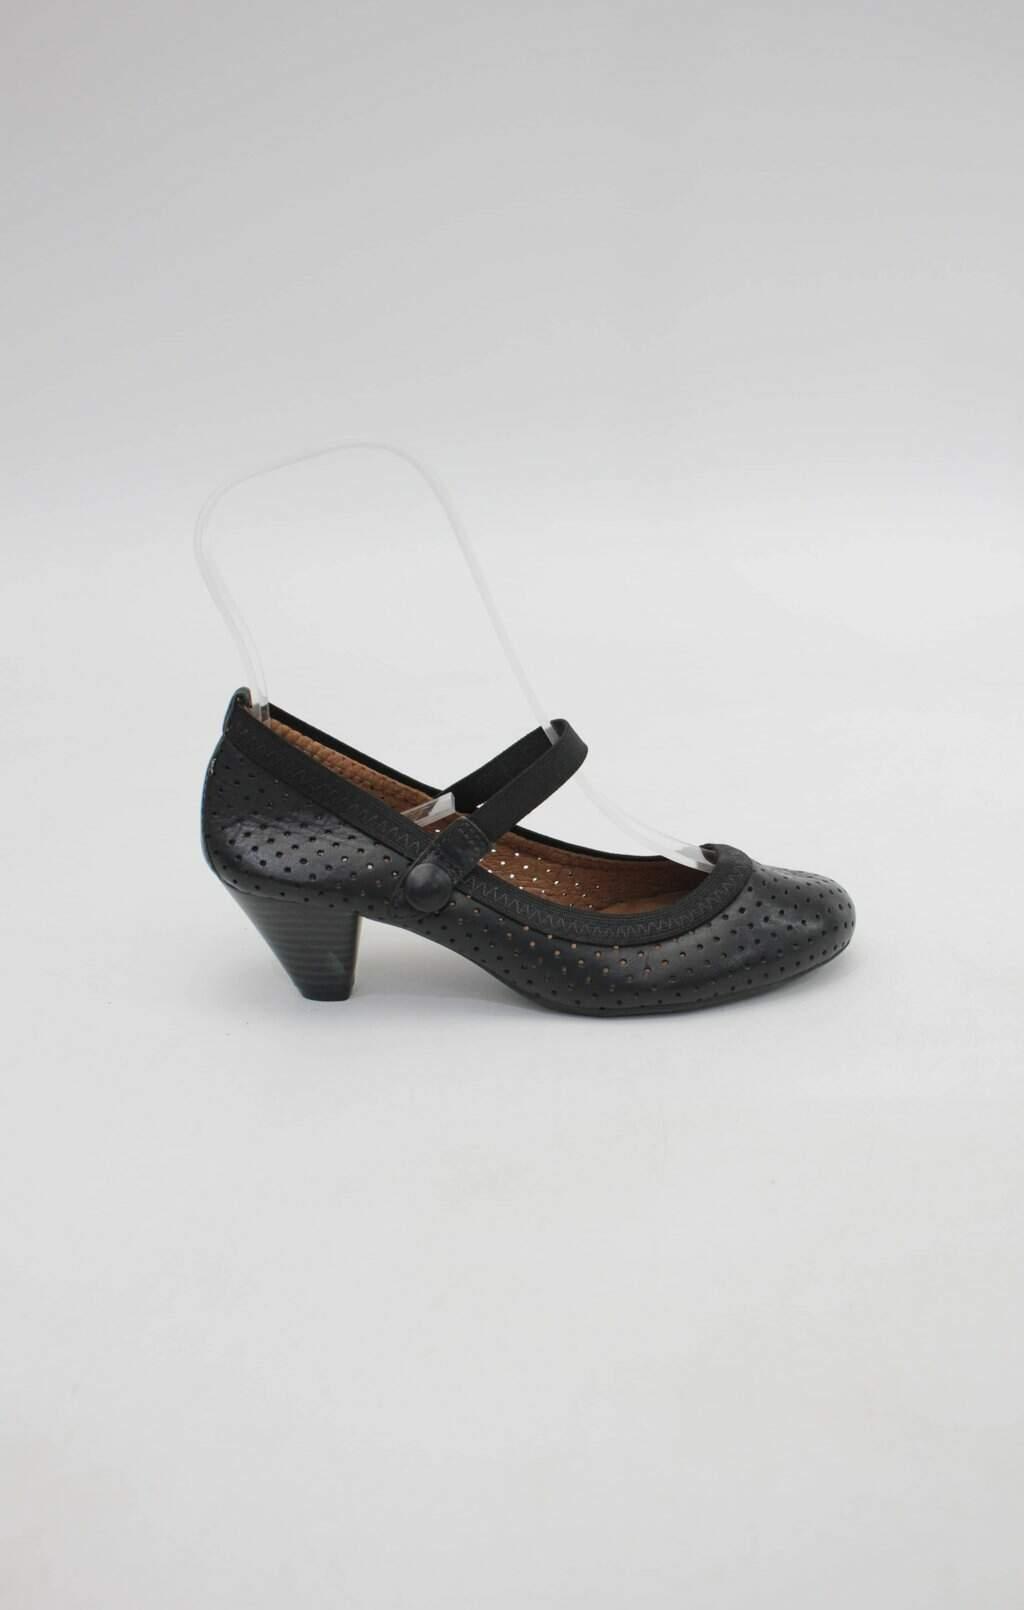 Sapato bottero feminino preto